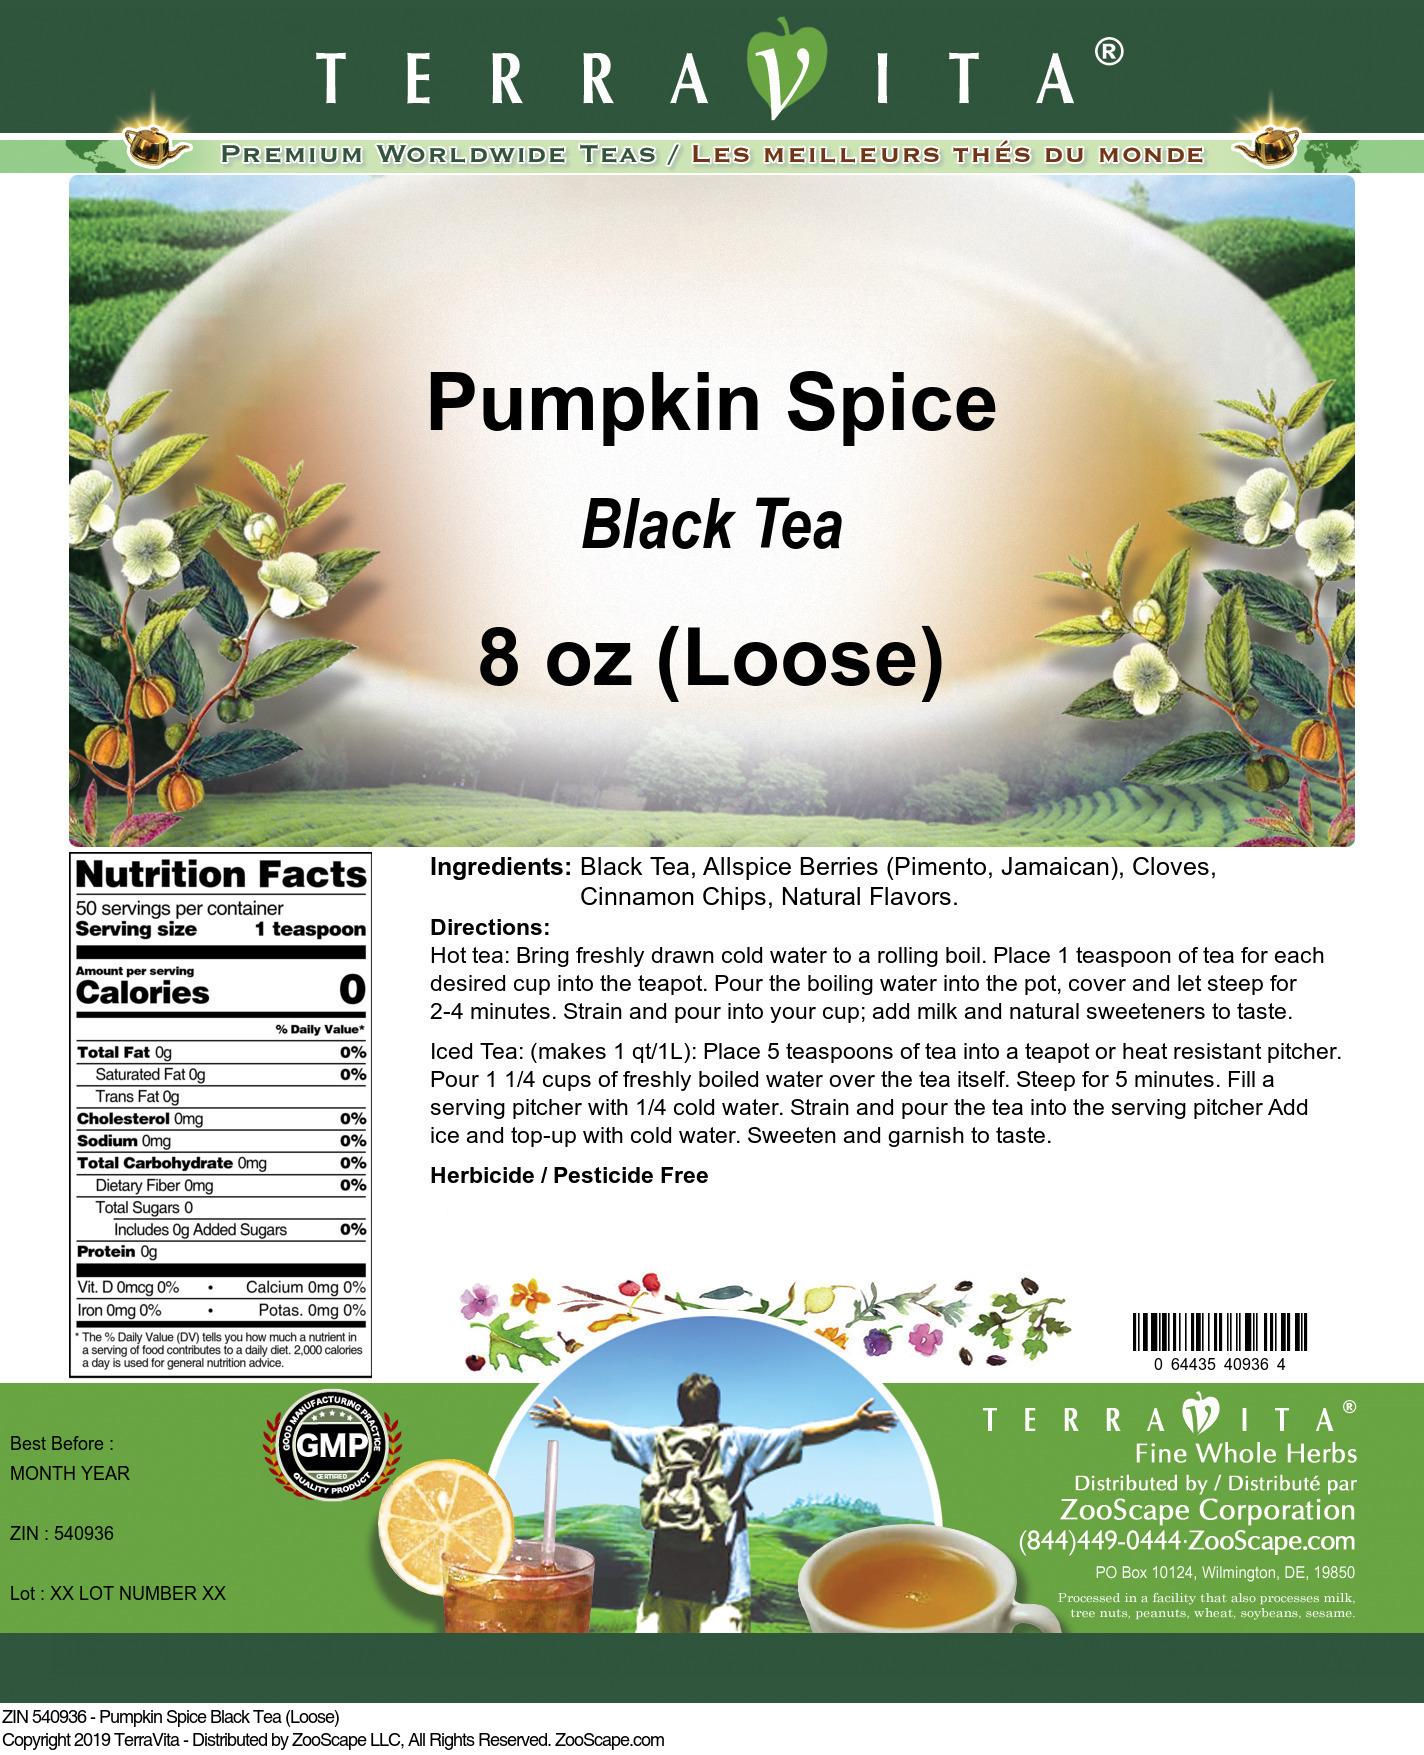 Pumpkin Spice Black Tea (Loose)